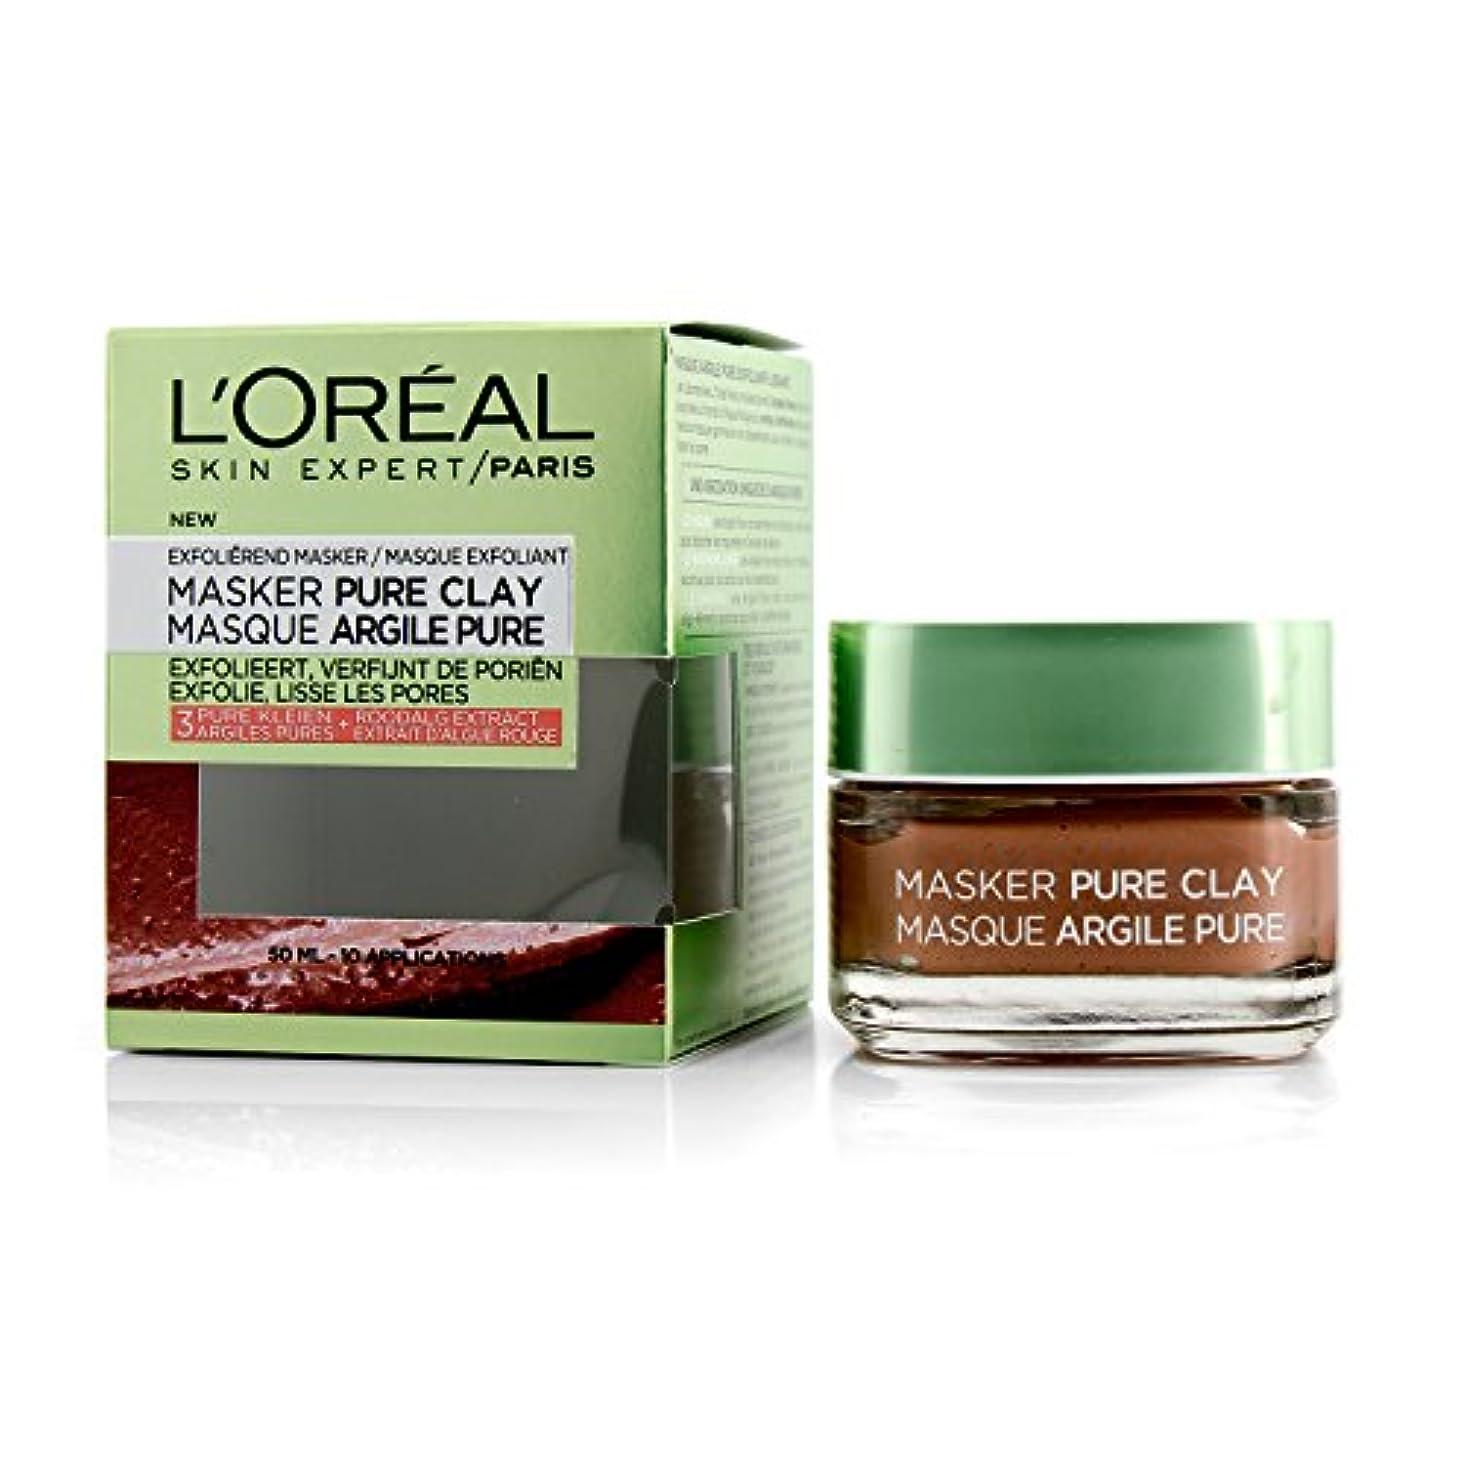 爪芽ファセットロレアル Skin Expert Pure Clay Mask - Exfoliate & Refine Pores 50ml/1.7oz並行輸入品